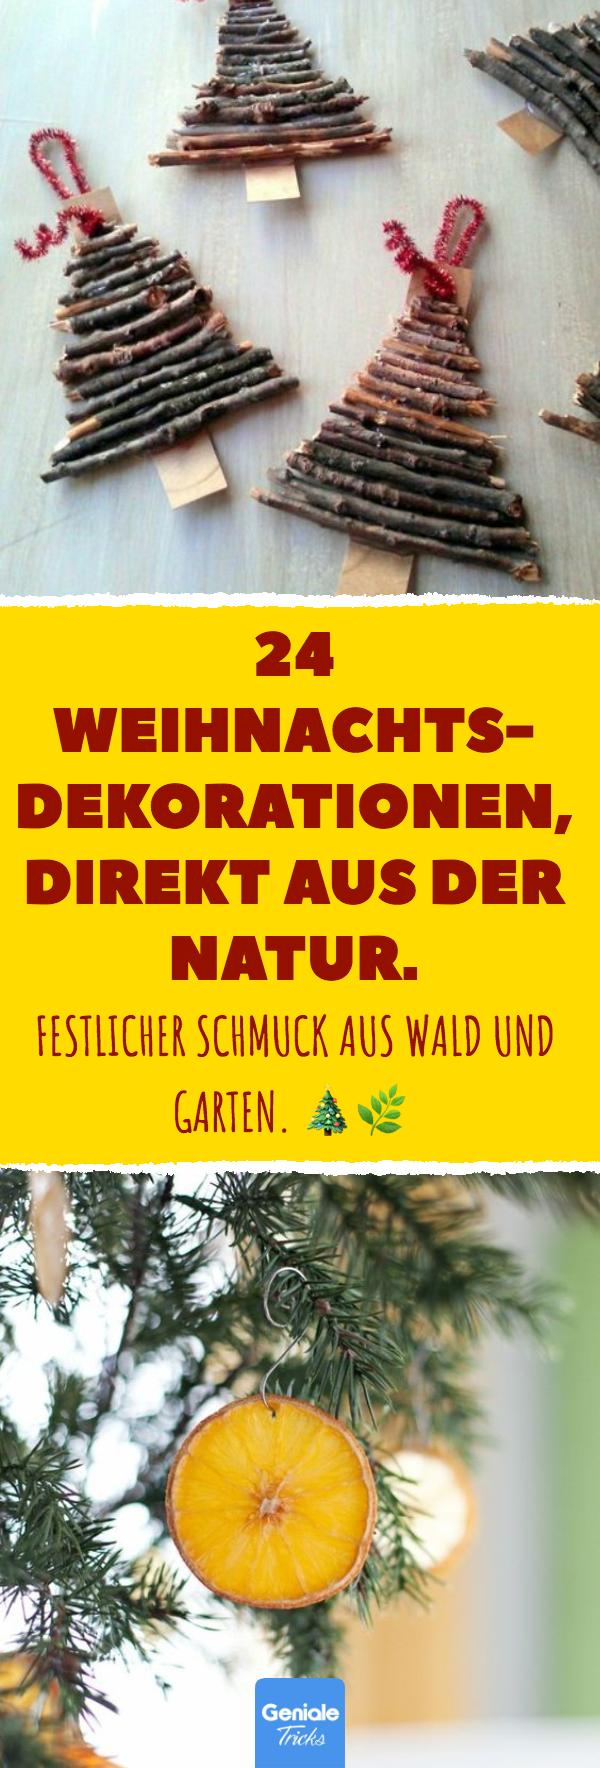 24 Weihnachtsdekorationen, direkt aus der Natur.